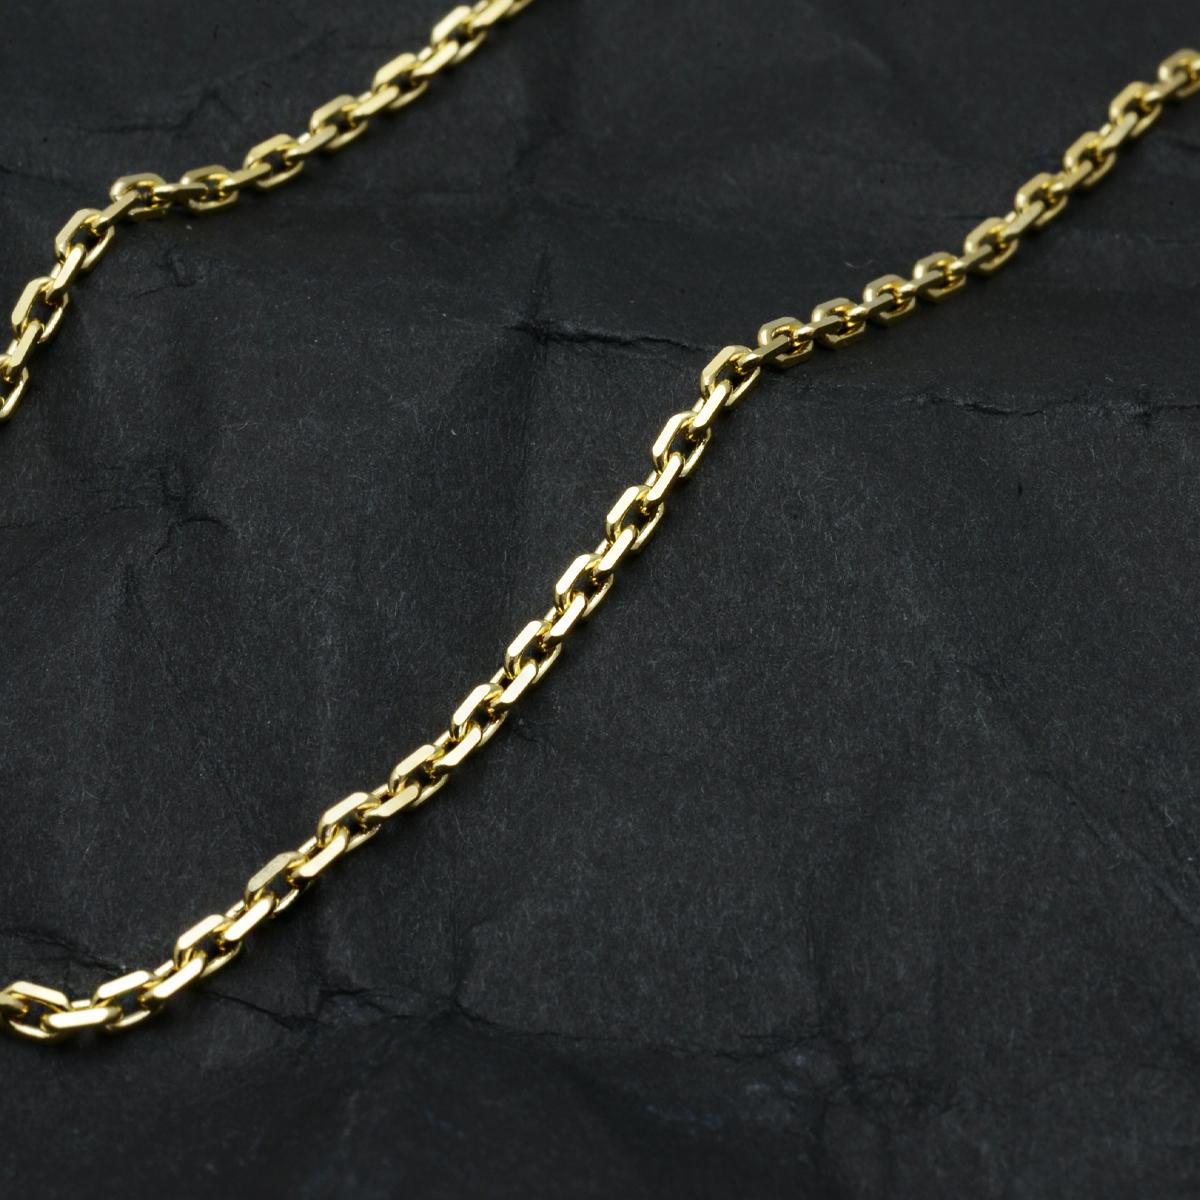 4/2新発売  k18ネックレス K18 イエローゴールド メンズ 男性 カットアズキチェーン 幅1.7mm チェーン 60cm/ プレゼント ギフト gold necklace ach1661c60